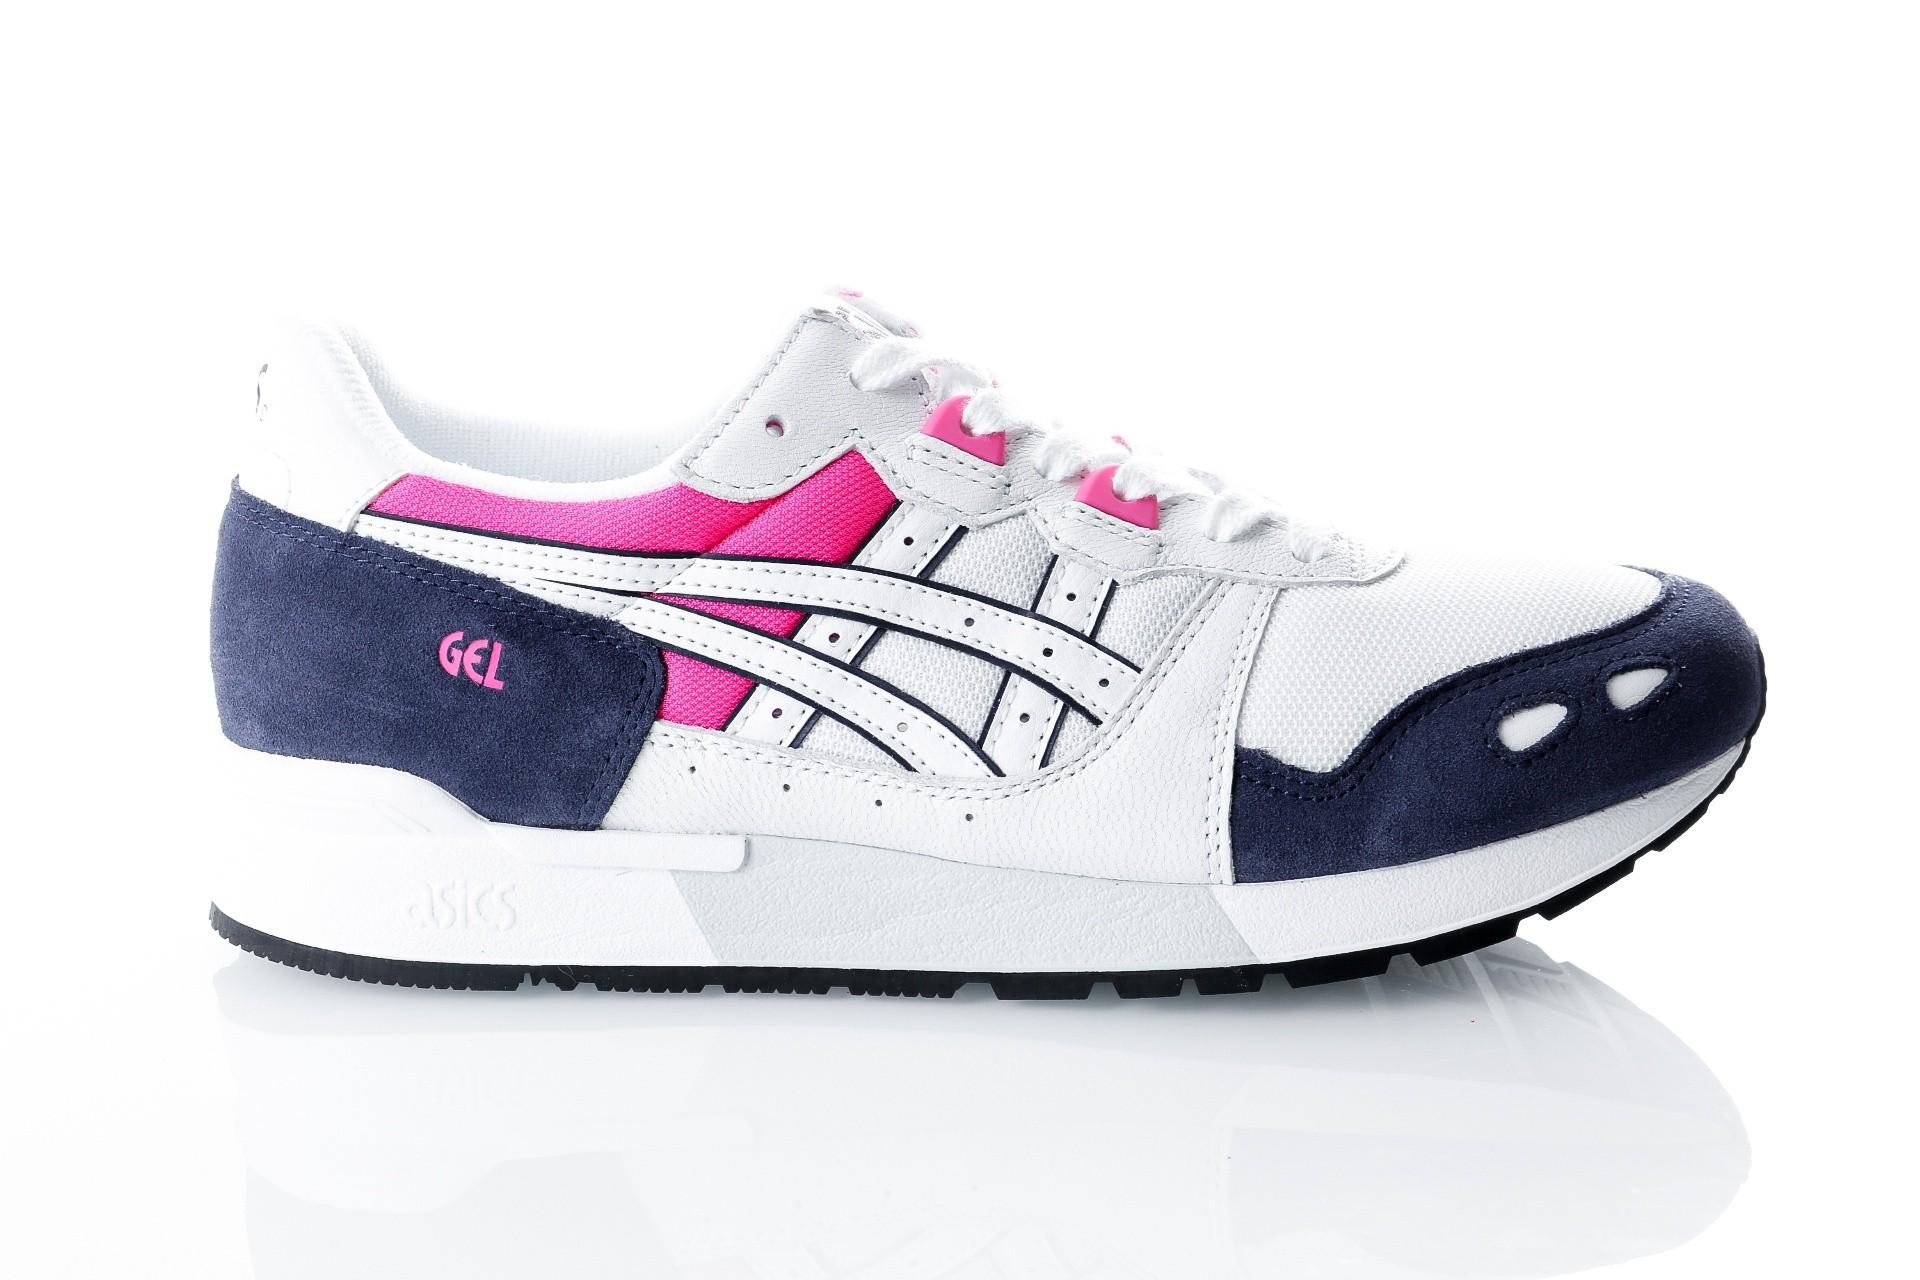 Foto van Asics GEL-LYTE 1193A092 Sneakers WHITE/PEACOAT